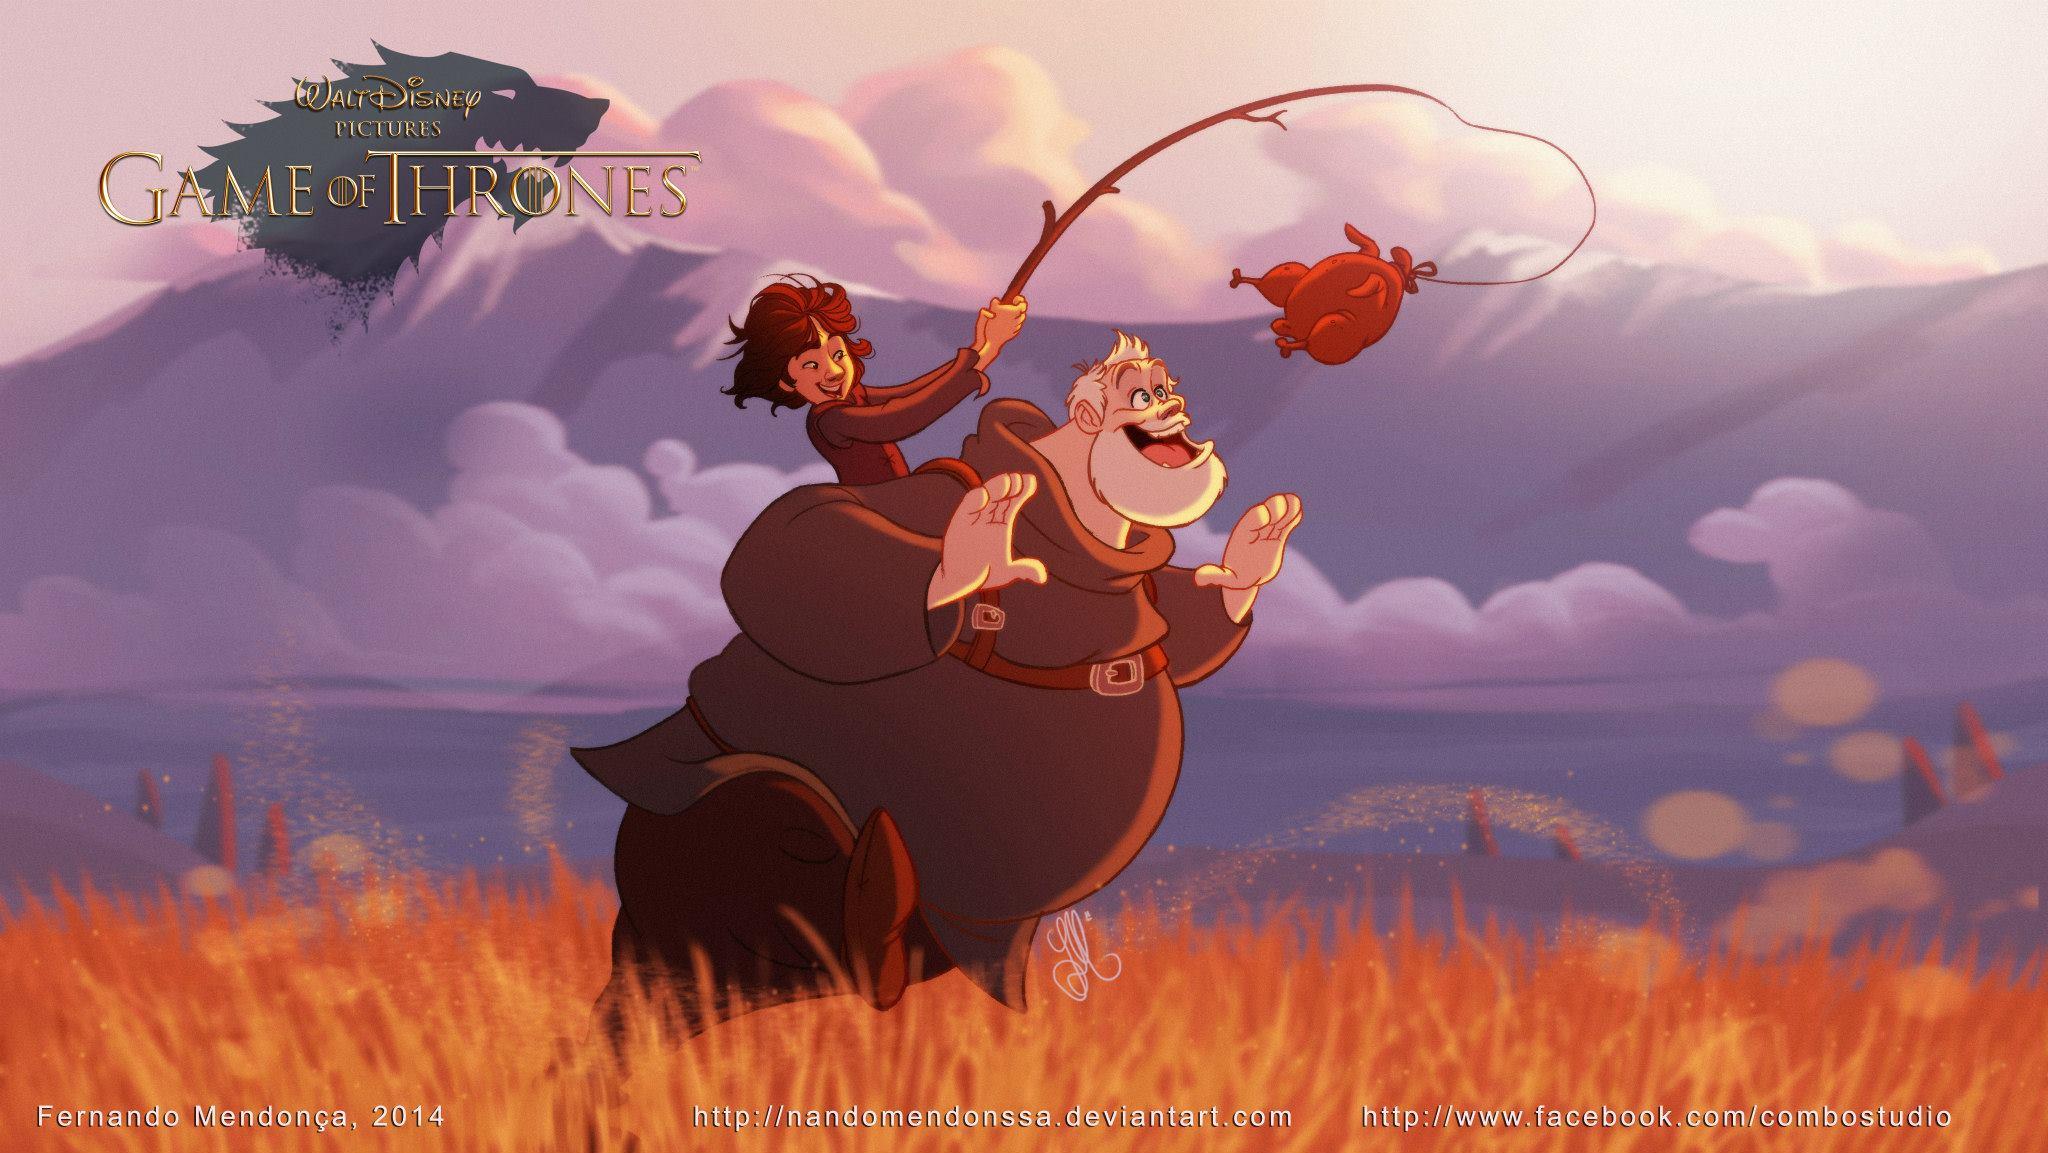 Hodor Disney Illustration - Fernando Mendonca